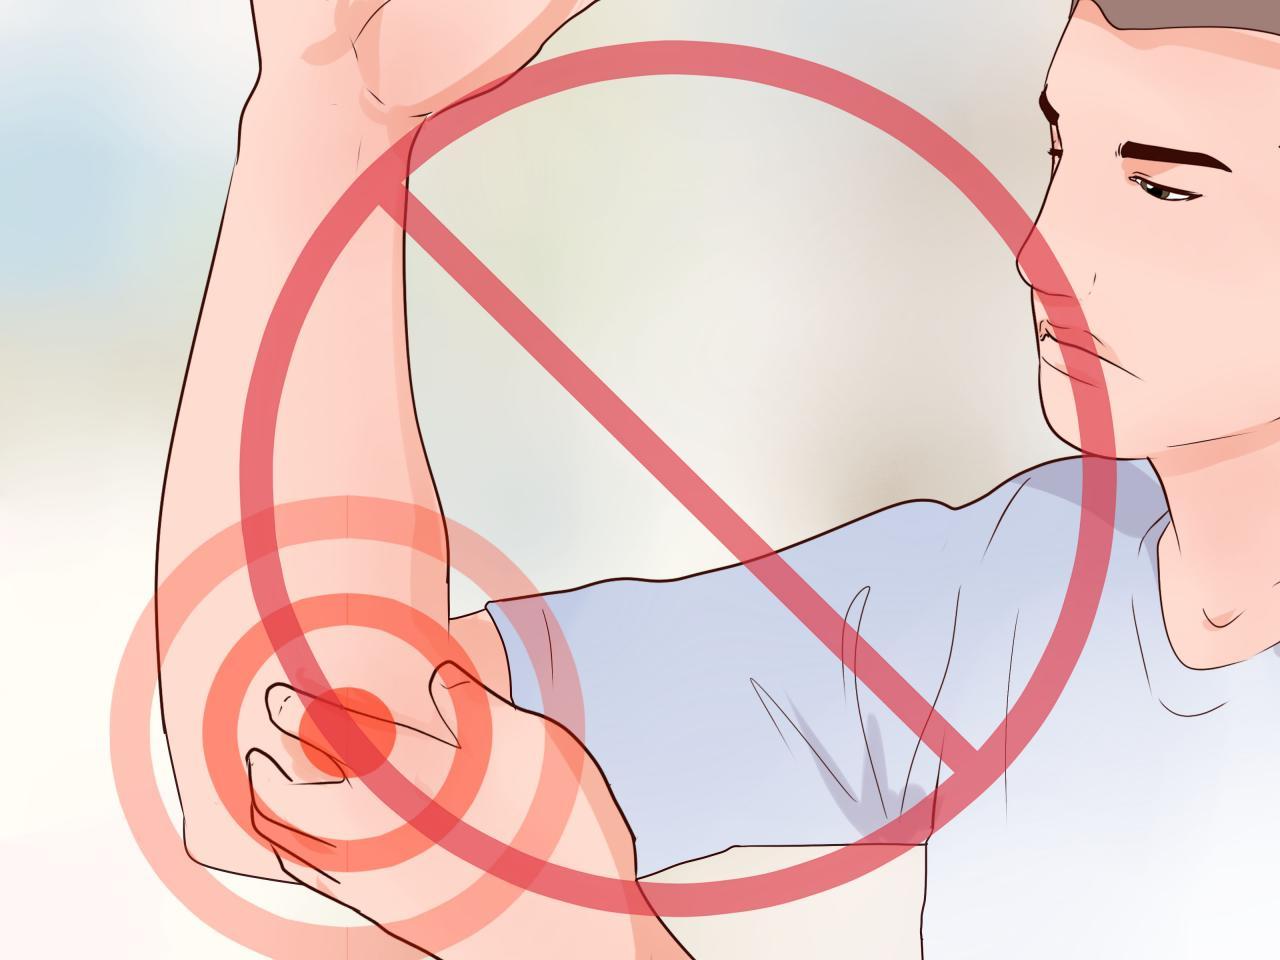 اعراض الاعصاب المشدوده طرق طبيعية لعلاج الاعصاب المشدودة رهيبه